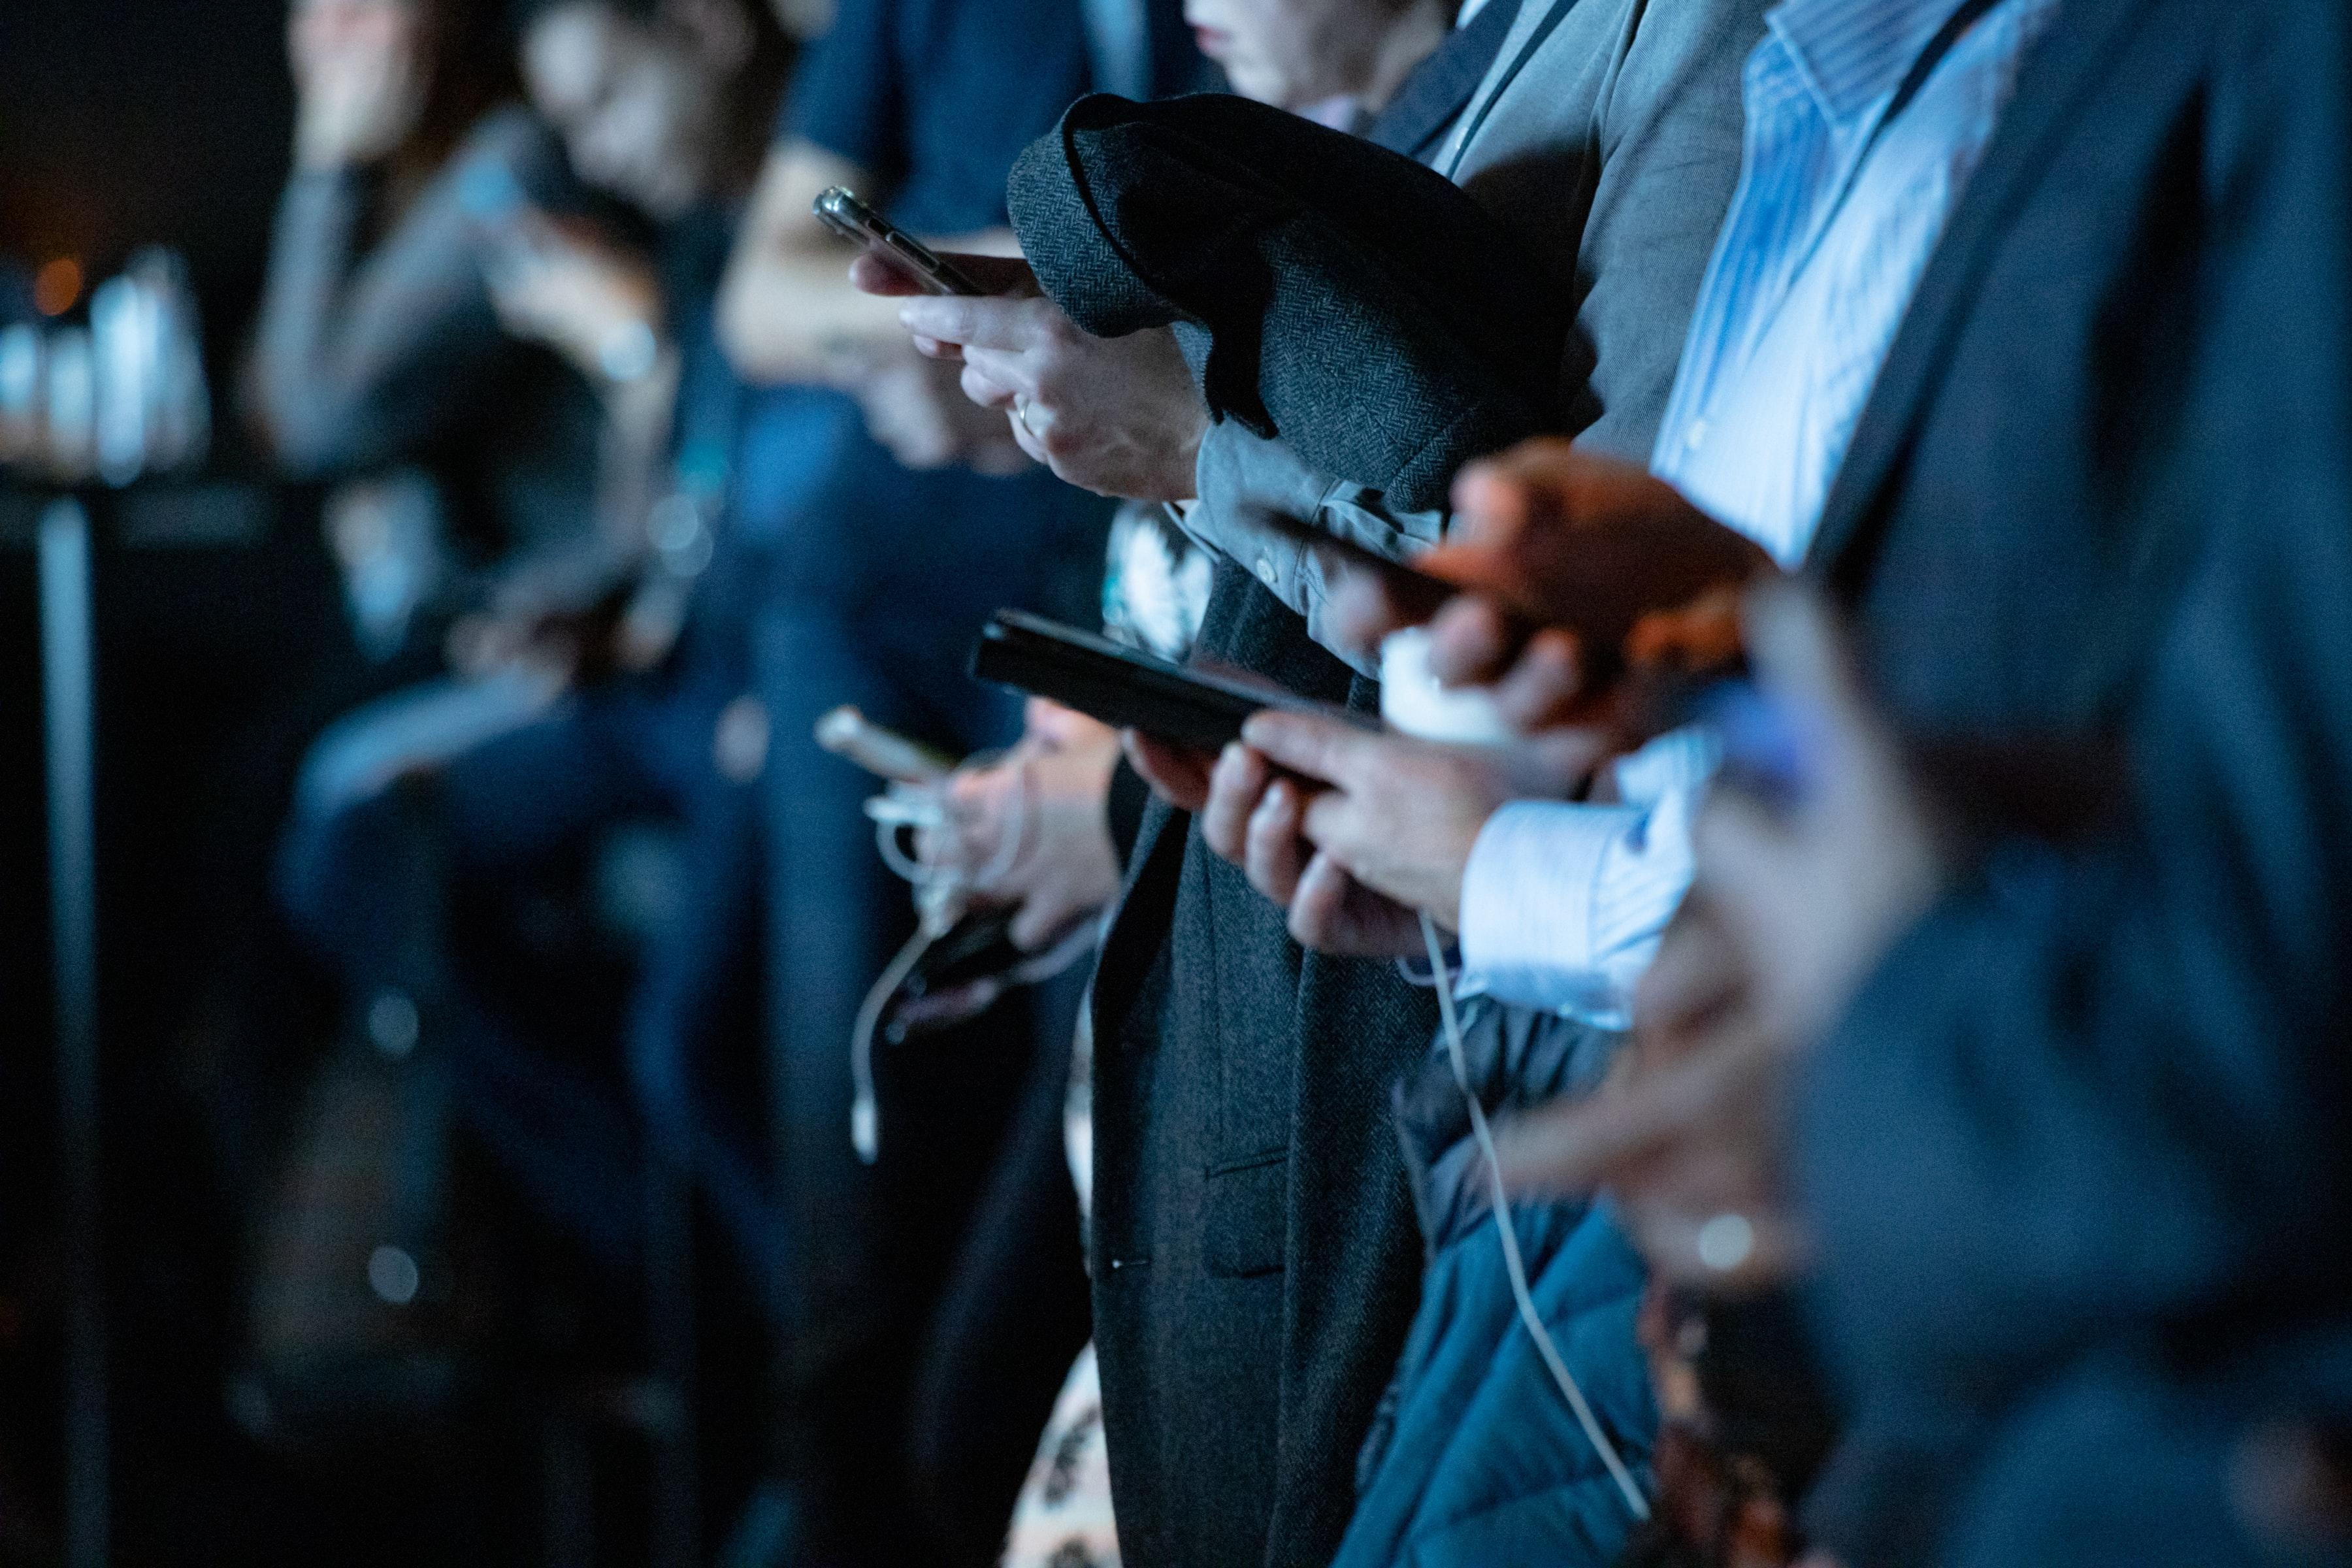 Impact des réseaux sociaux : les filles plus touchées que les garçons ?